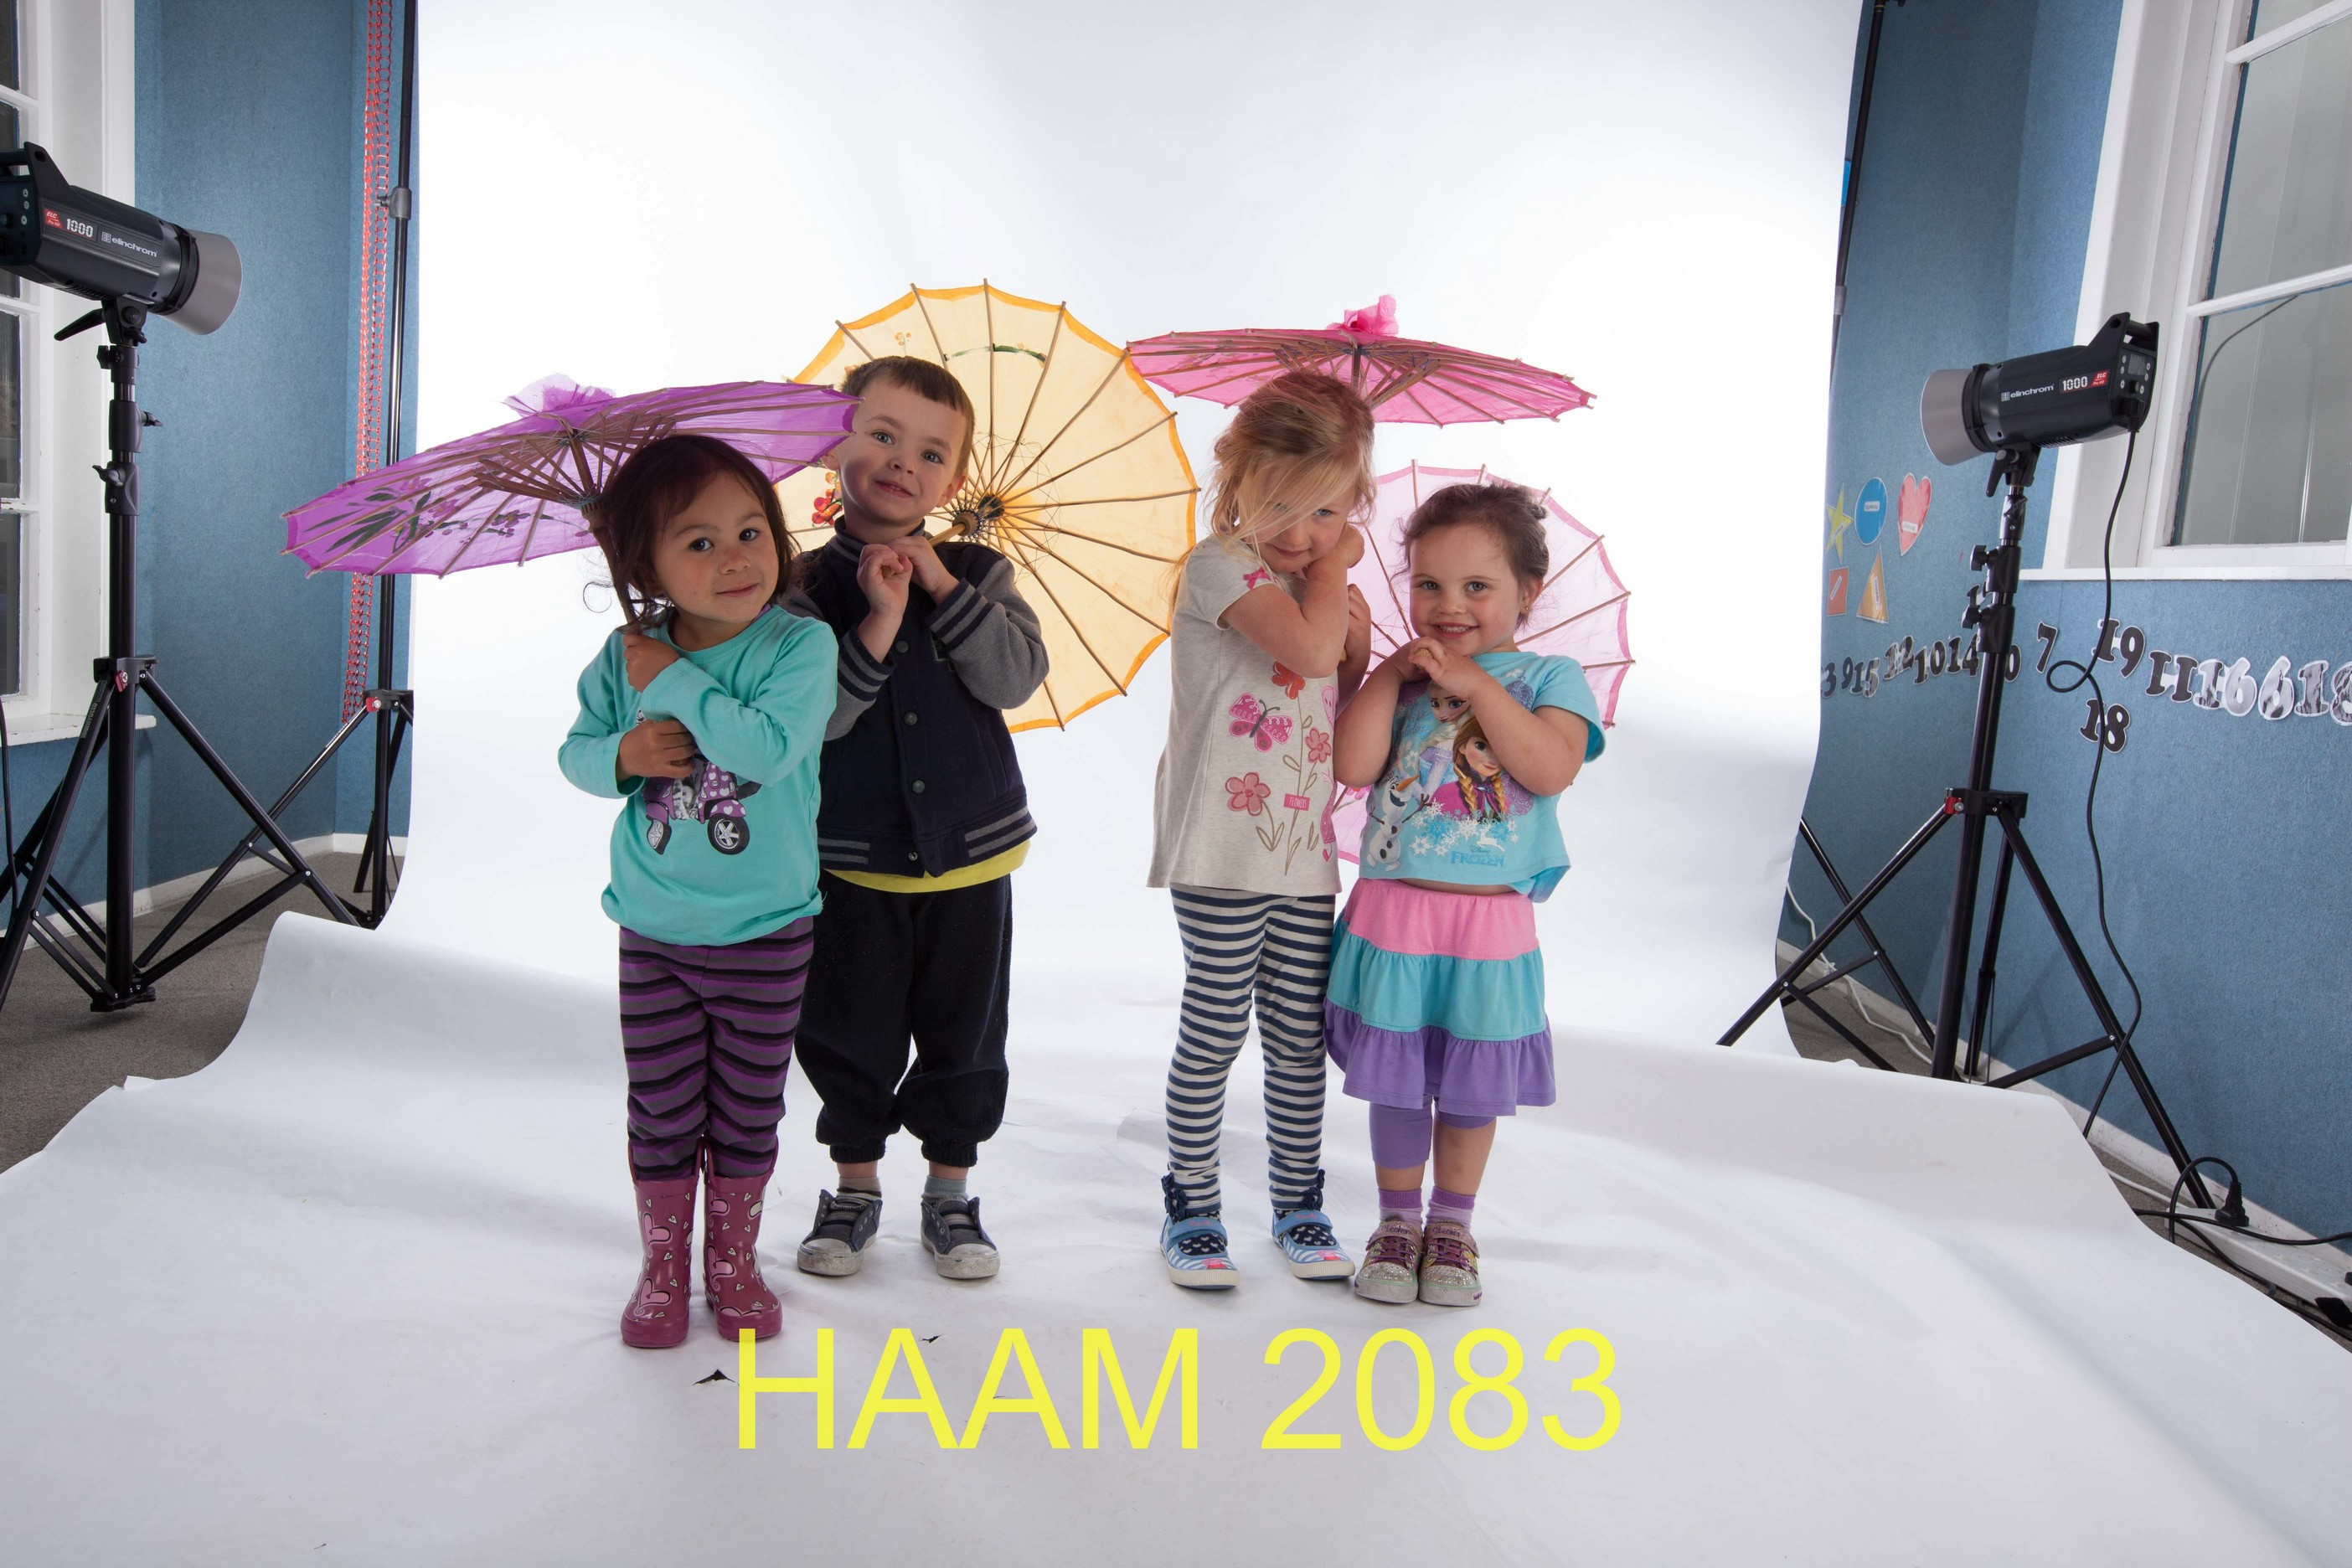 HAAM 2083